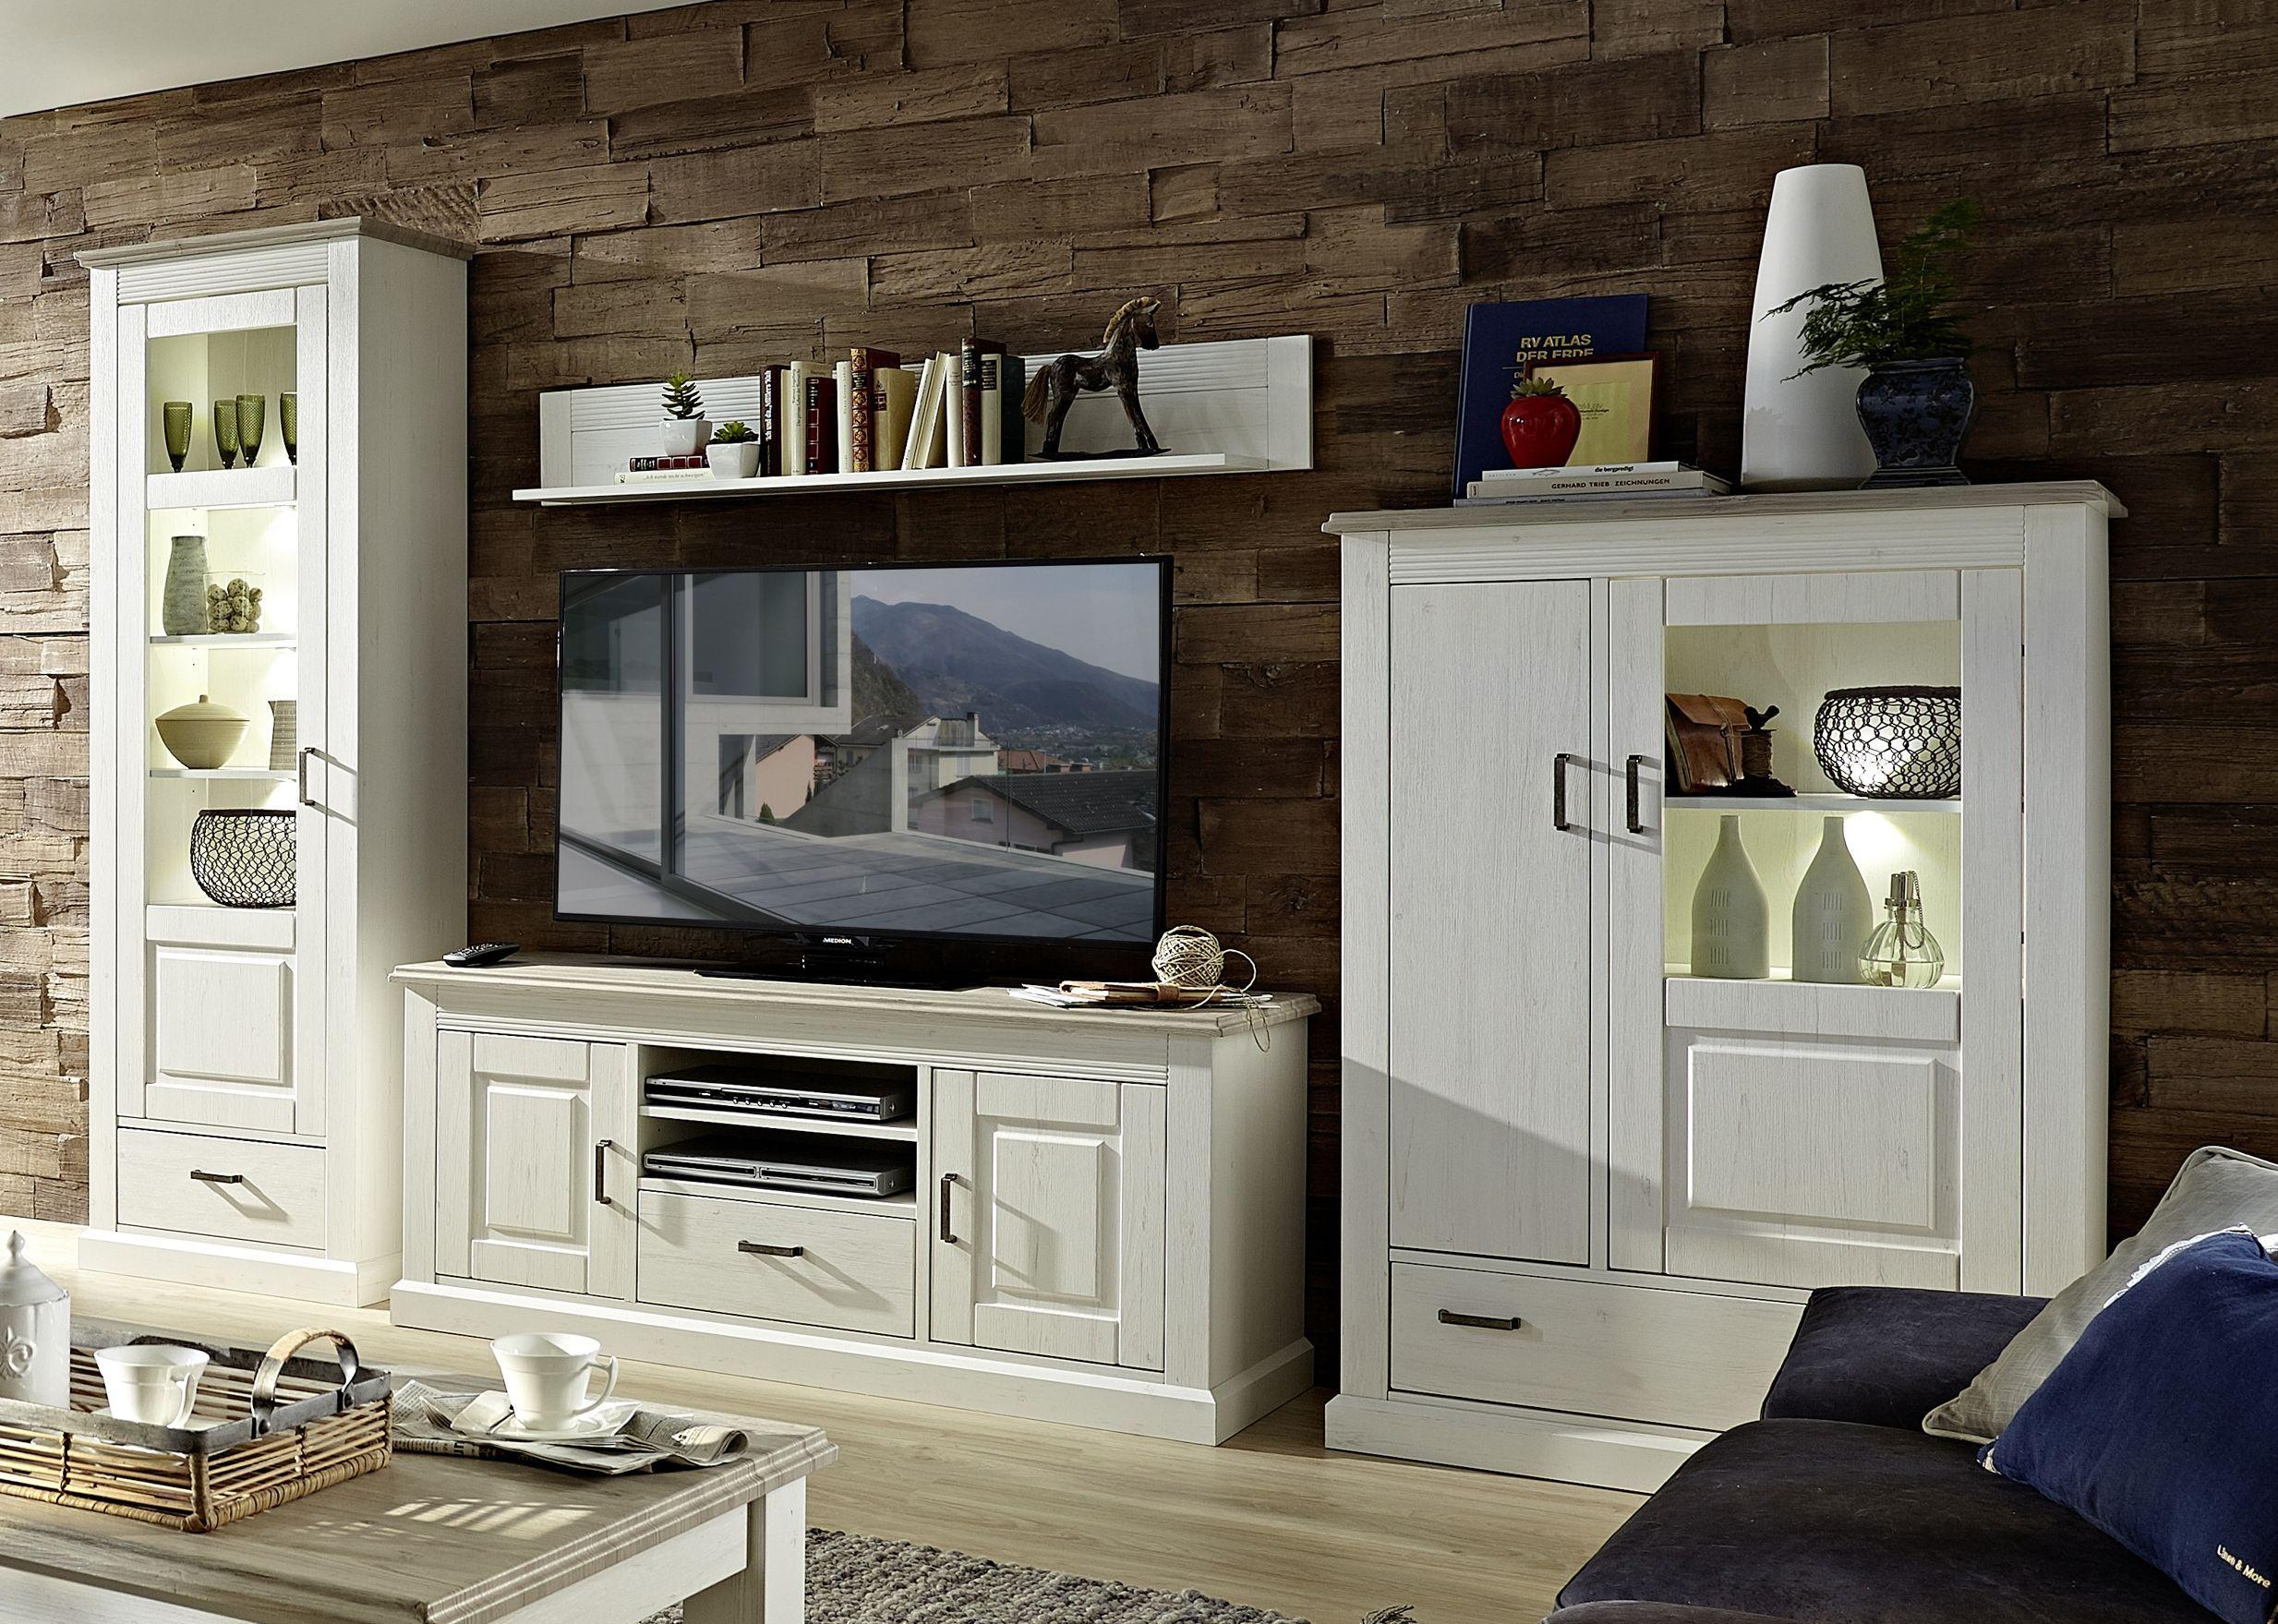 Wohnwand Wohnzimmer ~ Wohnzimmer mit moderner wandfarbe in dunklem grau und wohnwand